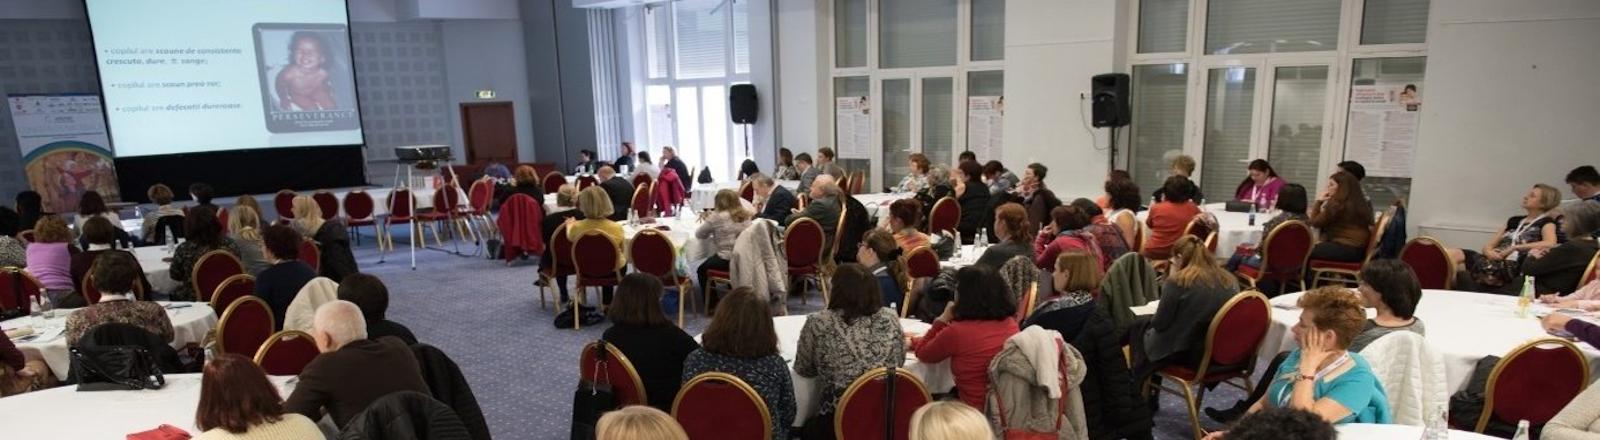 Conferința Națională Zilele Asociației Române pentru Educație Pediatrică în Medicina de Familie Ediția a II-a, 29 septembrie –  1 octombrie 2017, Păltiniș